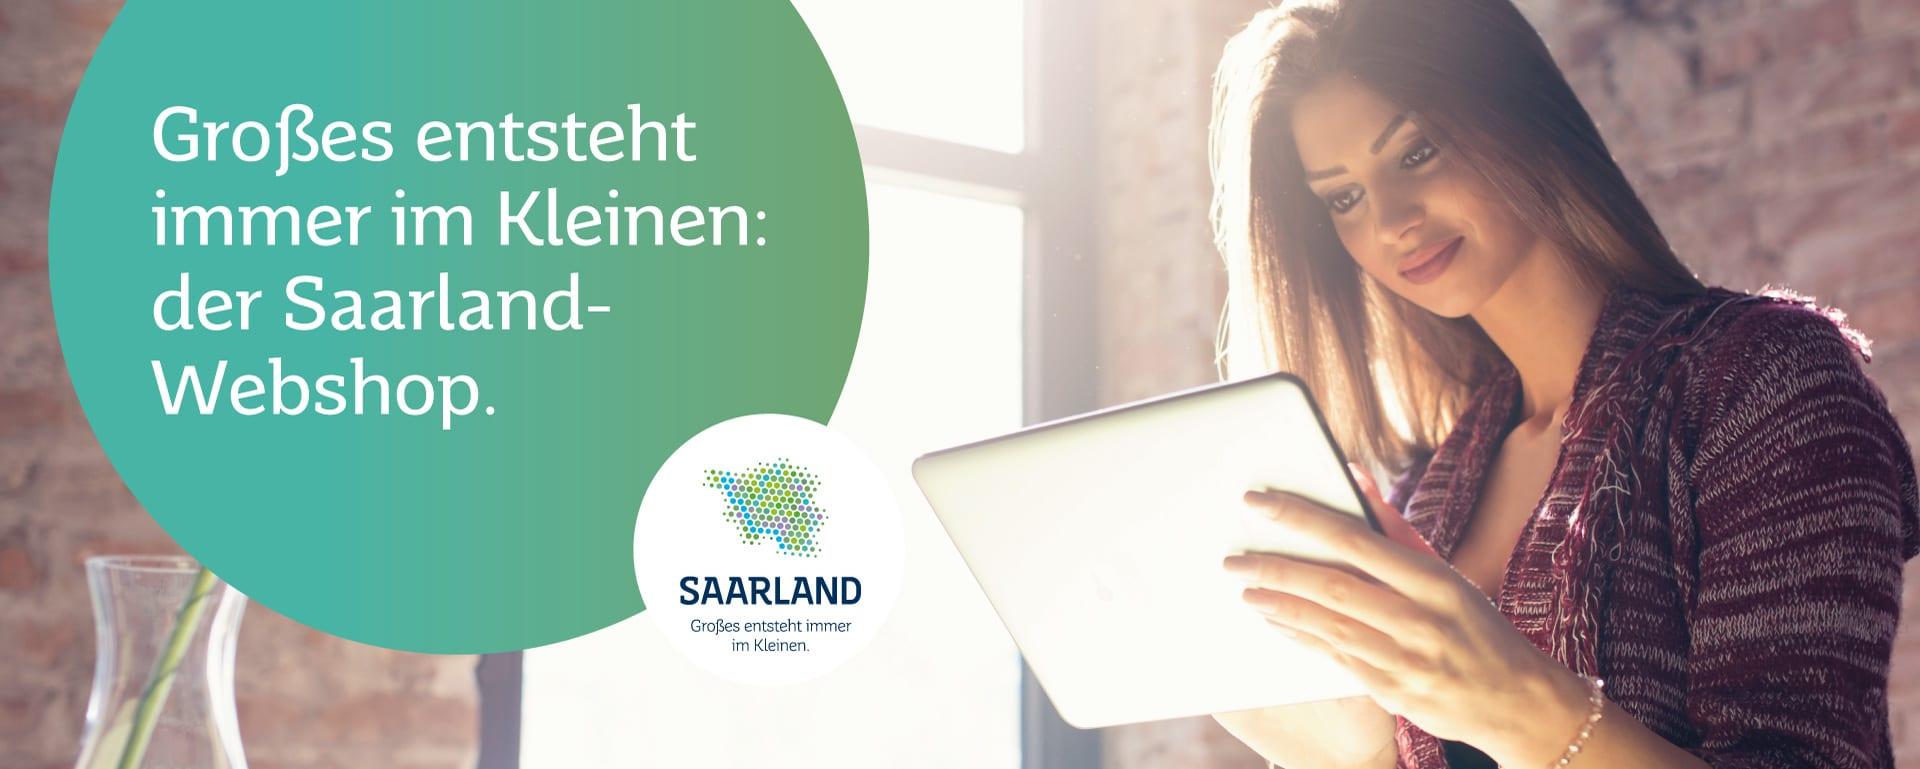 Der Saarland-Webshop: Großes entsteht immer im Kleinen